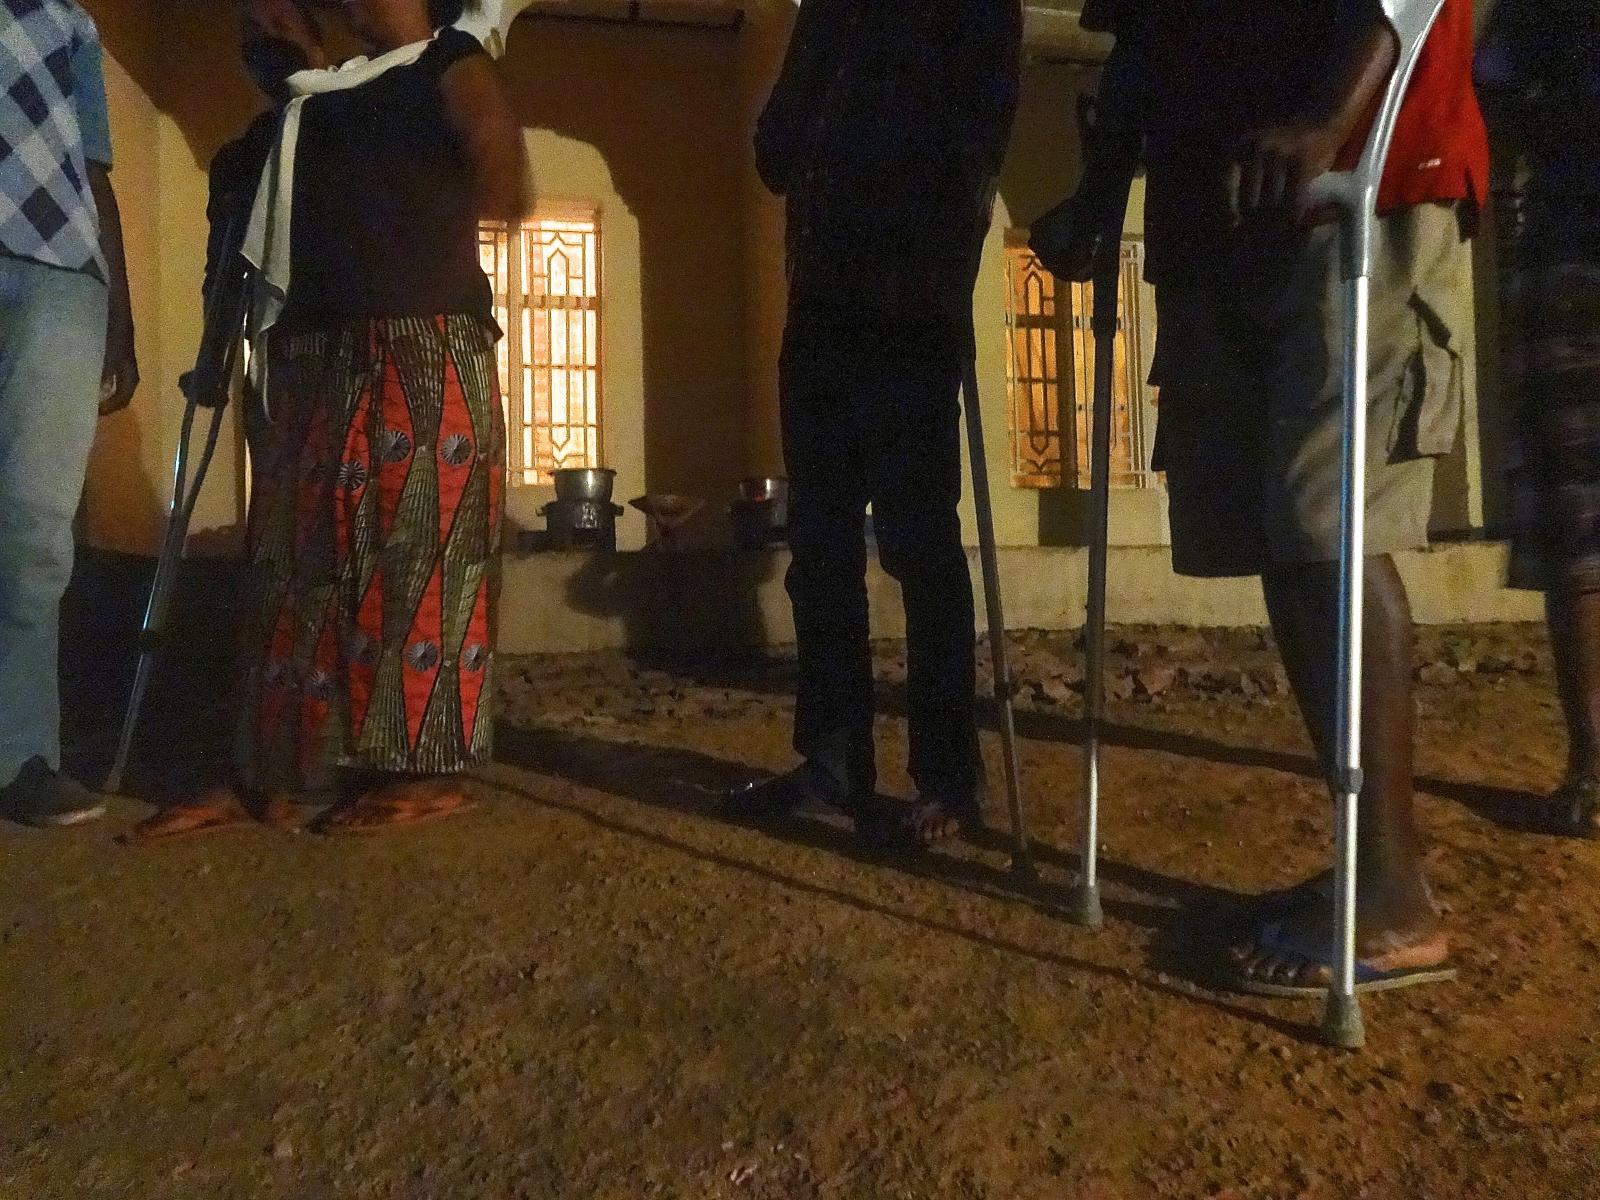 Kigali Burundi safe house